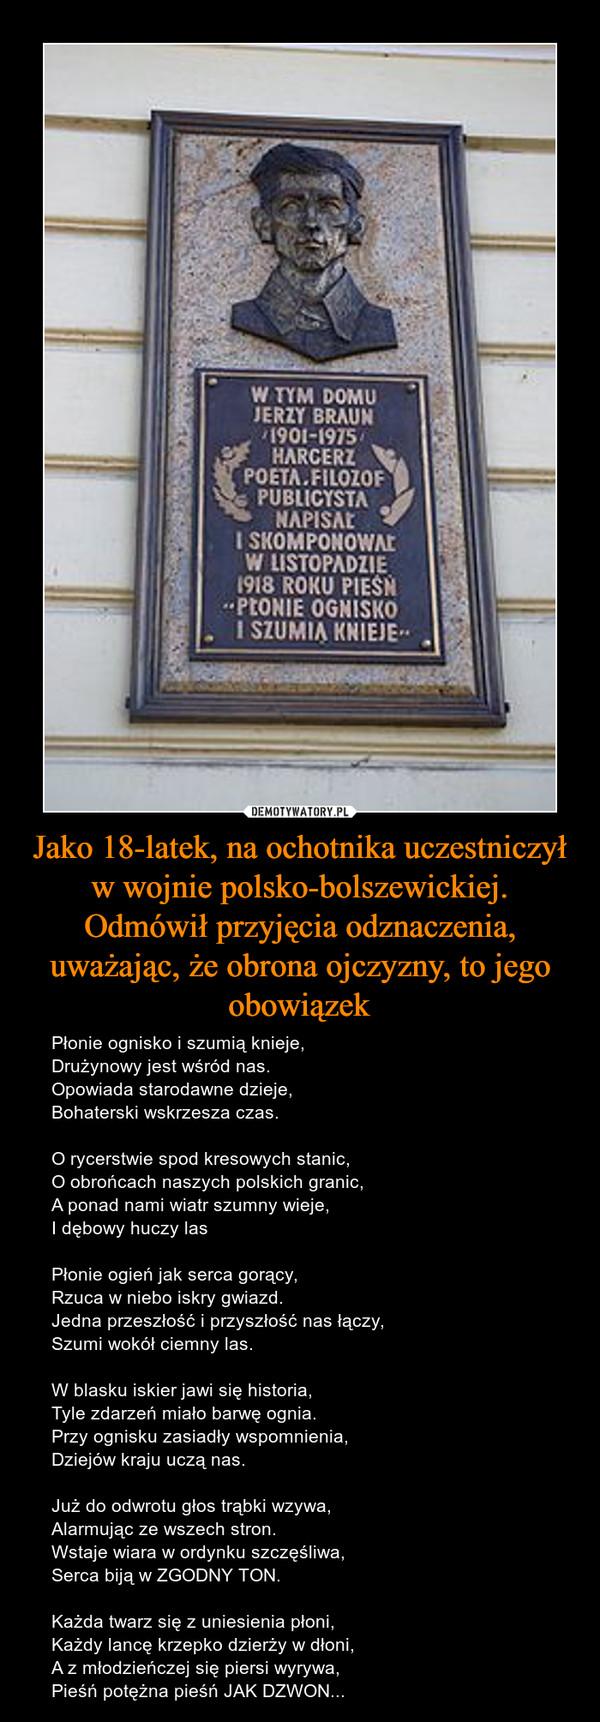 Jako 18-latek, na ochotnika uczestniczył w wojnie polsko-bolszewickiej.Odmówił przyjęcia odznaczenia, uważając, że obrona ojczyzny, to jego obowiązek – Płonie ognisko i szumią knieje,Drużynowy jest wśród nas.Opowiada starodawne dzieje,Bohaterski wskrzesza czas.O rycerstwie spod kresowych stanic,O obrońcach naszych polskich granic,A ponad nami wiatr szumny wieje,I dębowy huczy lasPłonie ogień jak serca gorący,Rzuca w niebo iskry gwiazd.Jedna przeszłość i przyszłość nas łączy,Szumi wokół ciemny las.W blasku iskier jawi się historia,Tyle zdarzeń miało barwę ognia.Przy ognisku zasiadły wspomnienia,Dziejów kraju uczą nas.Już do odwrotu głos trąbki wzywa,Alarmując ze wszech stron.Wstaje wiara w ordynku szczęśliwa,Serca biją w ZGODNY TON.Każda twarz się z uniesienia płoni,Każdy lancę krzepko dzierży w dłoni,A z młodzieńczej się piersi wyrywa,Pieśń potężna pieśń JAK DZWON...